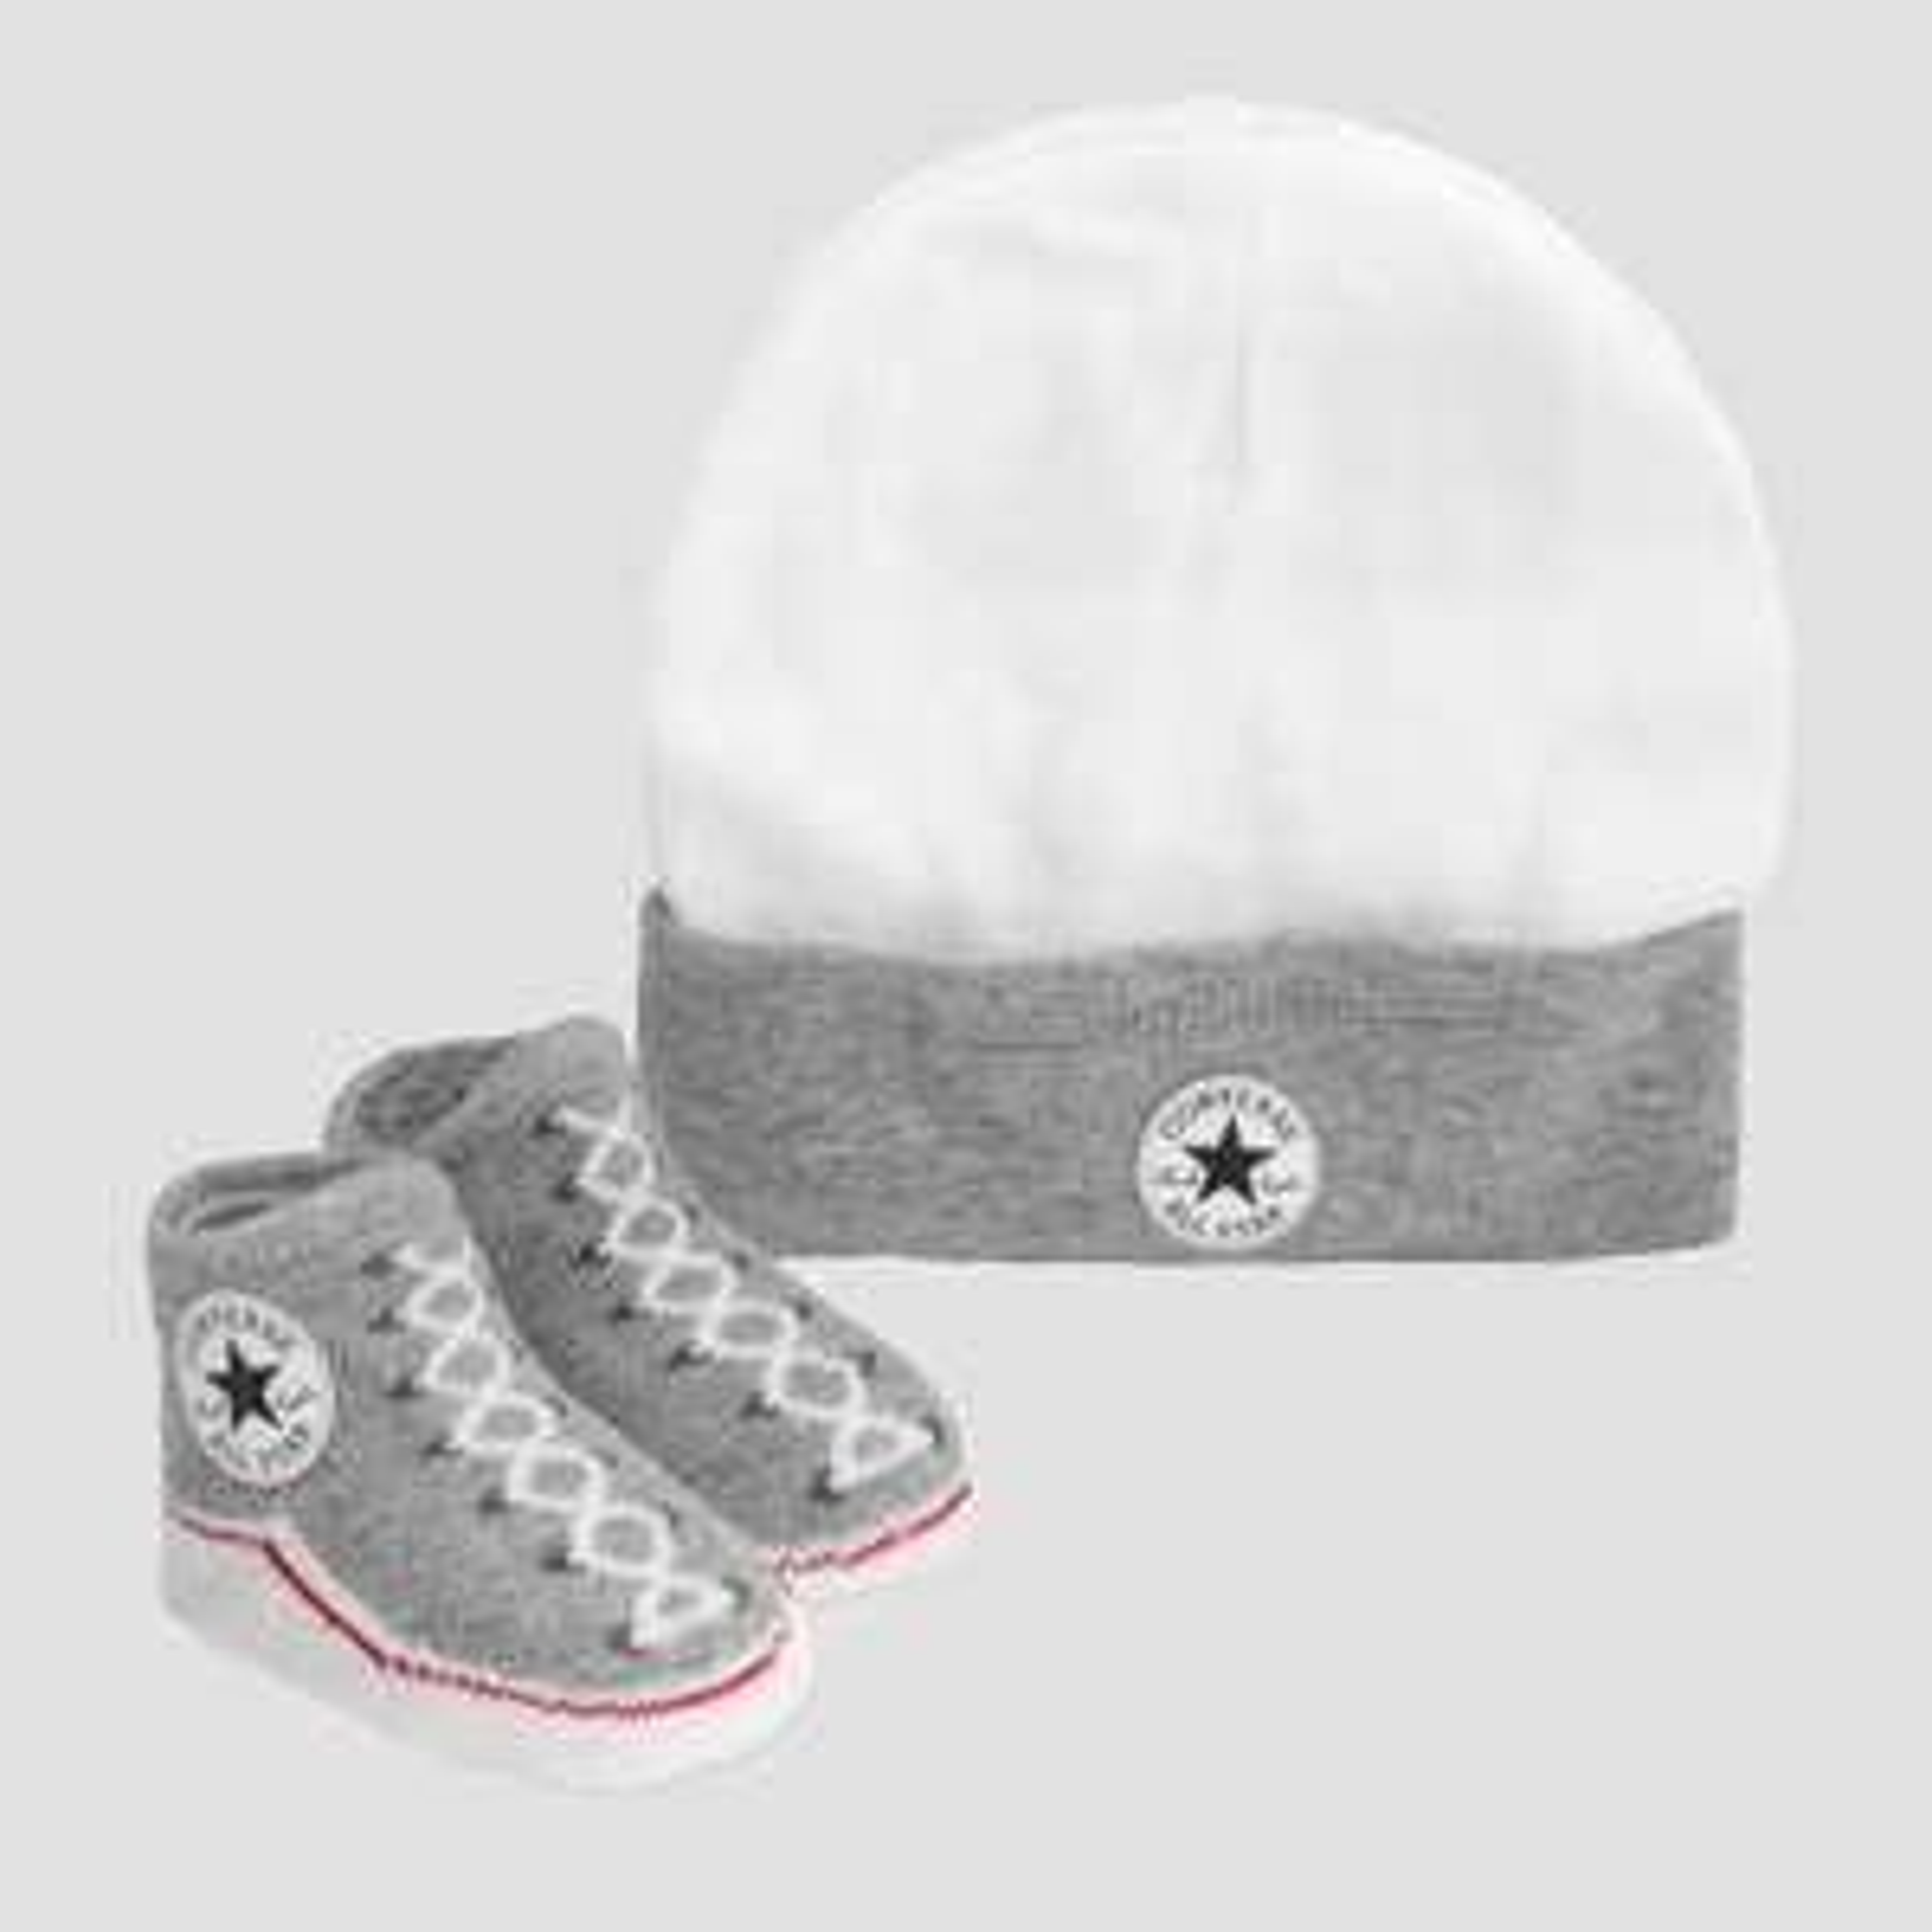 Converse baby-set voor €7,19 @ Aktiesport